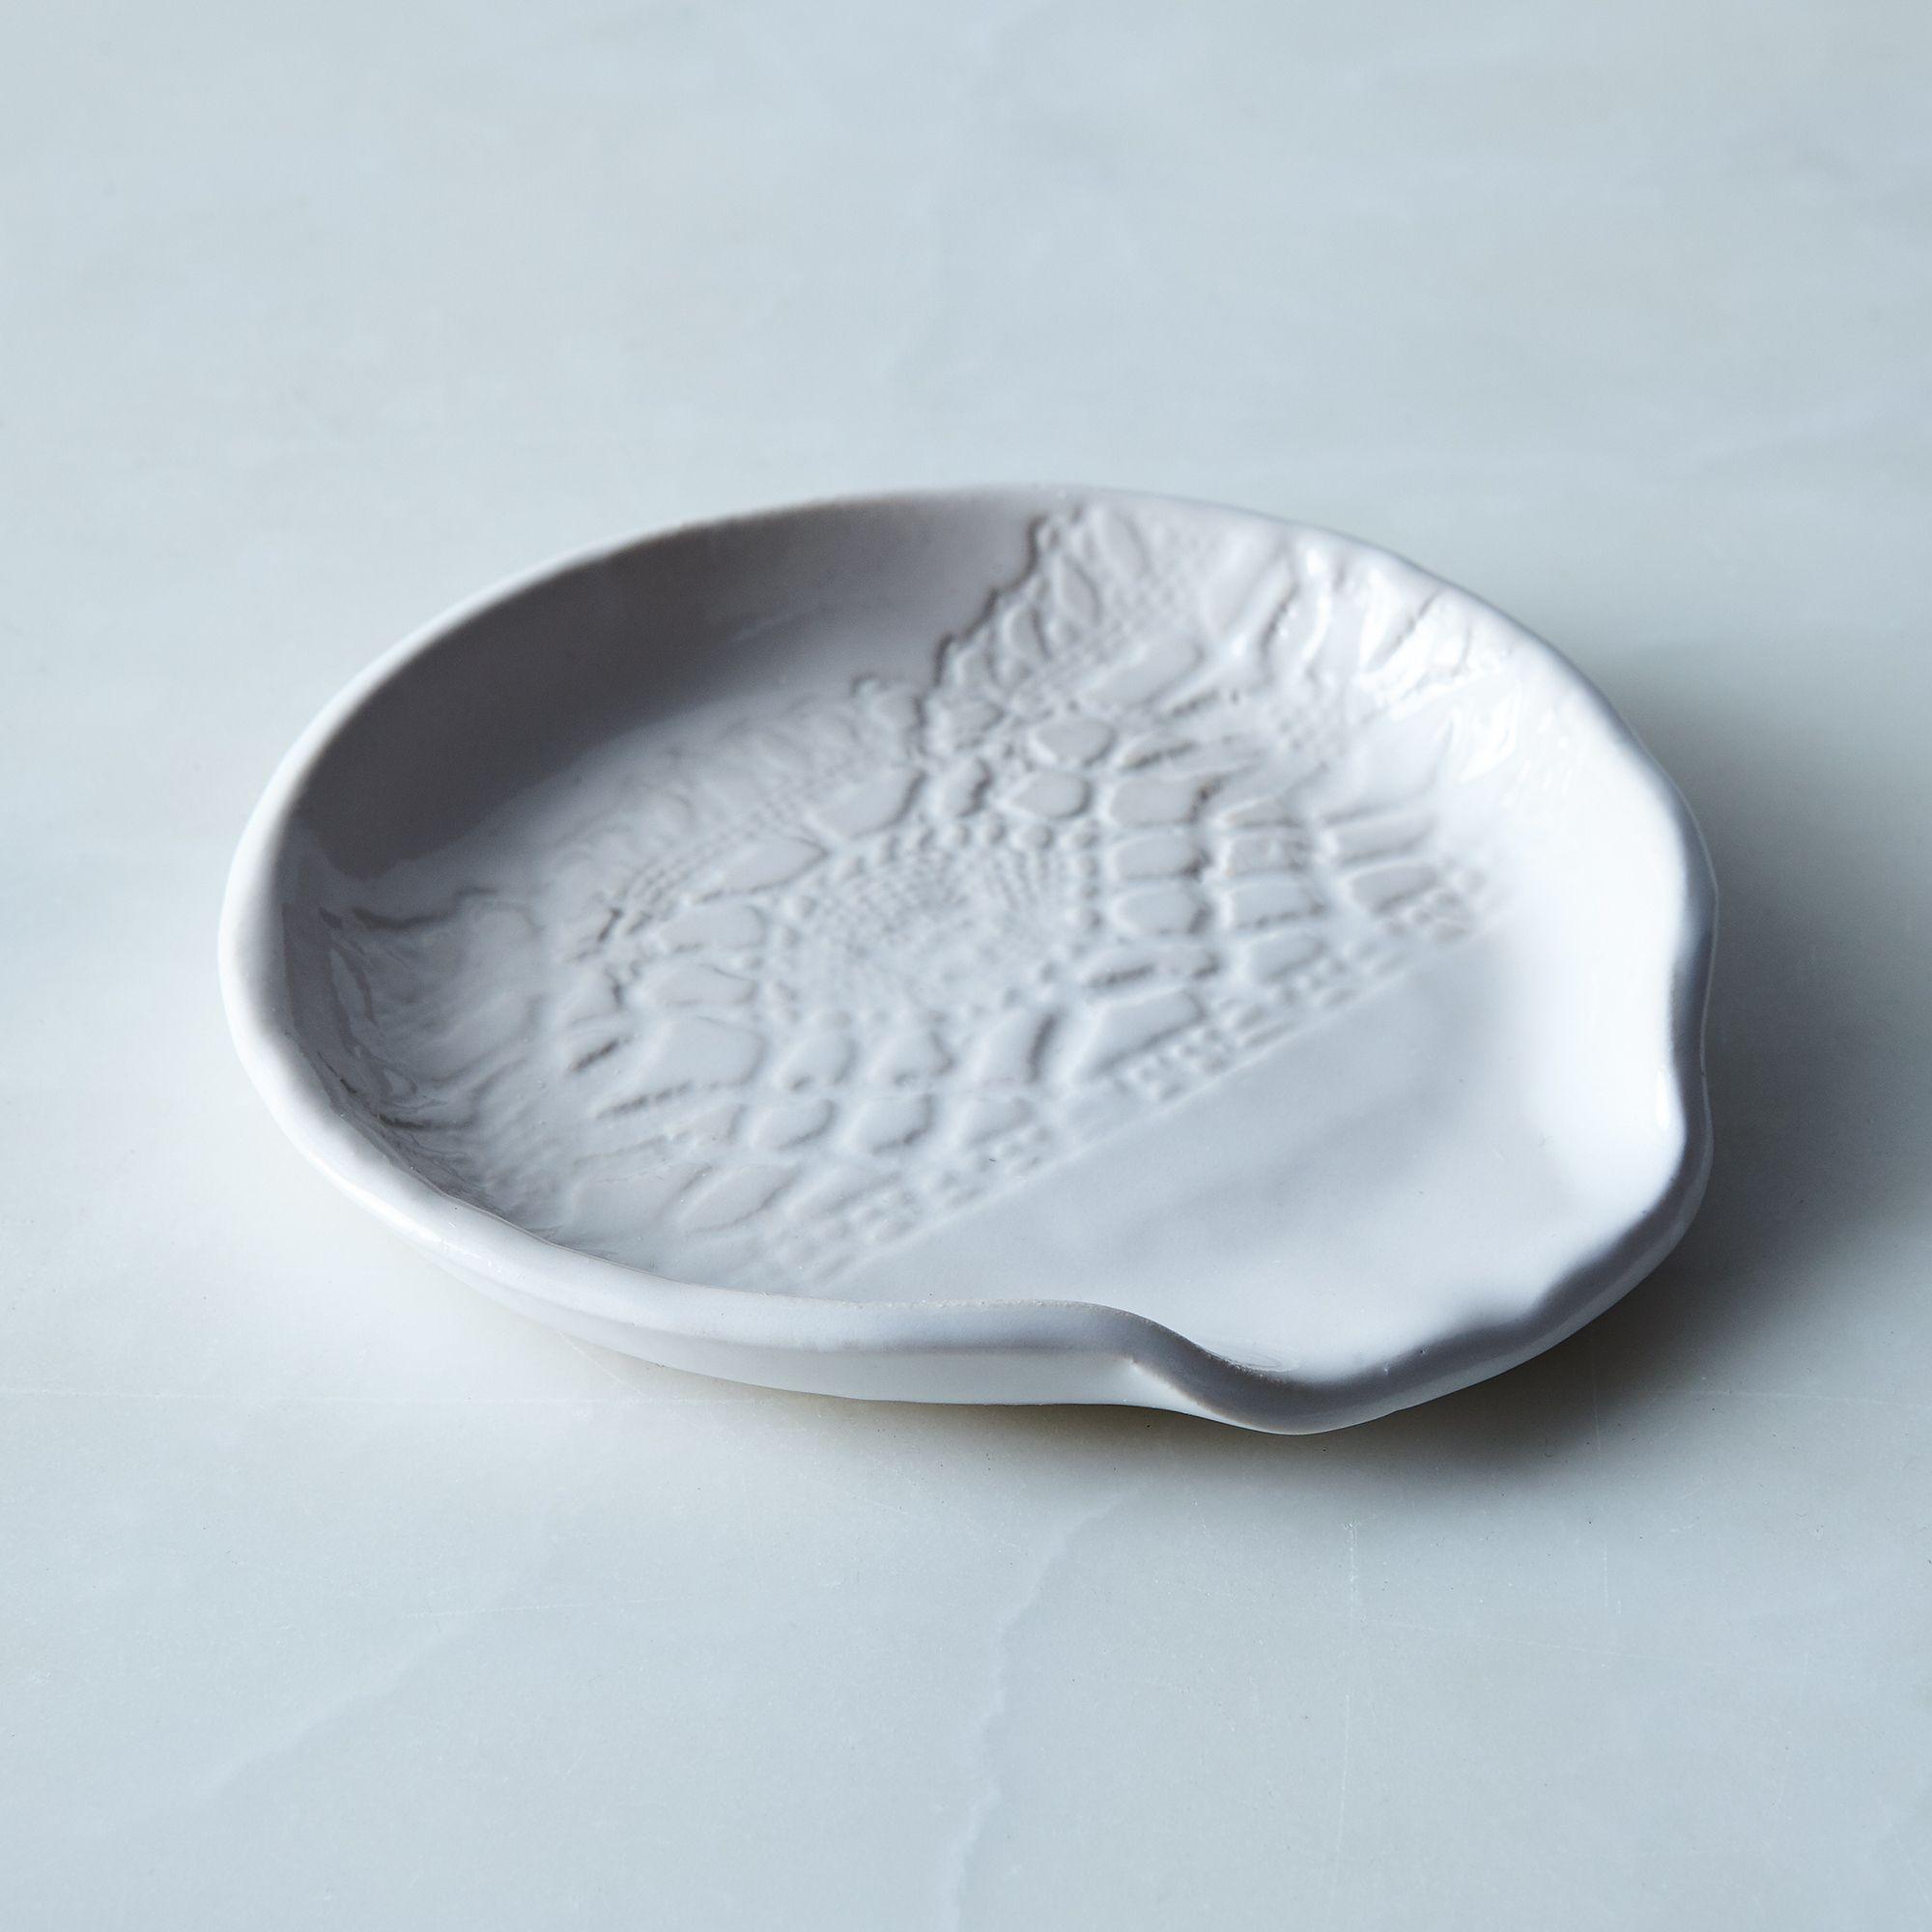 6016f918 ea20 494d bf61 7ce4bcb3ca27  2017 0324 handmade studio tn lace spoon rest white silo rocky luten 11359